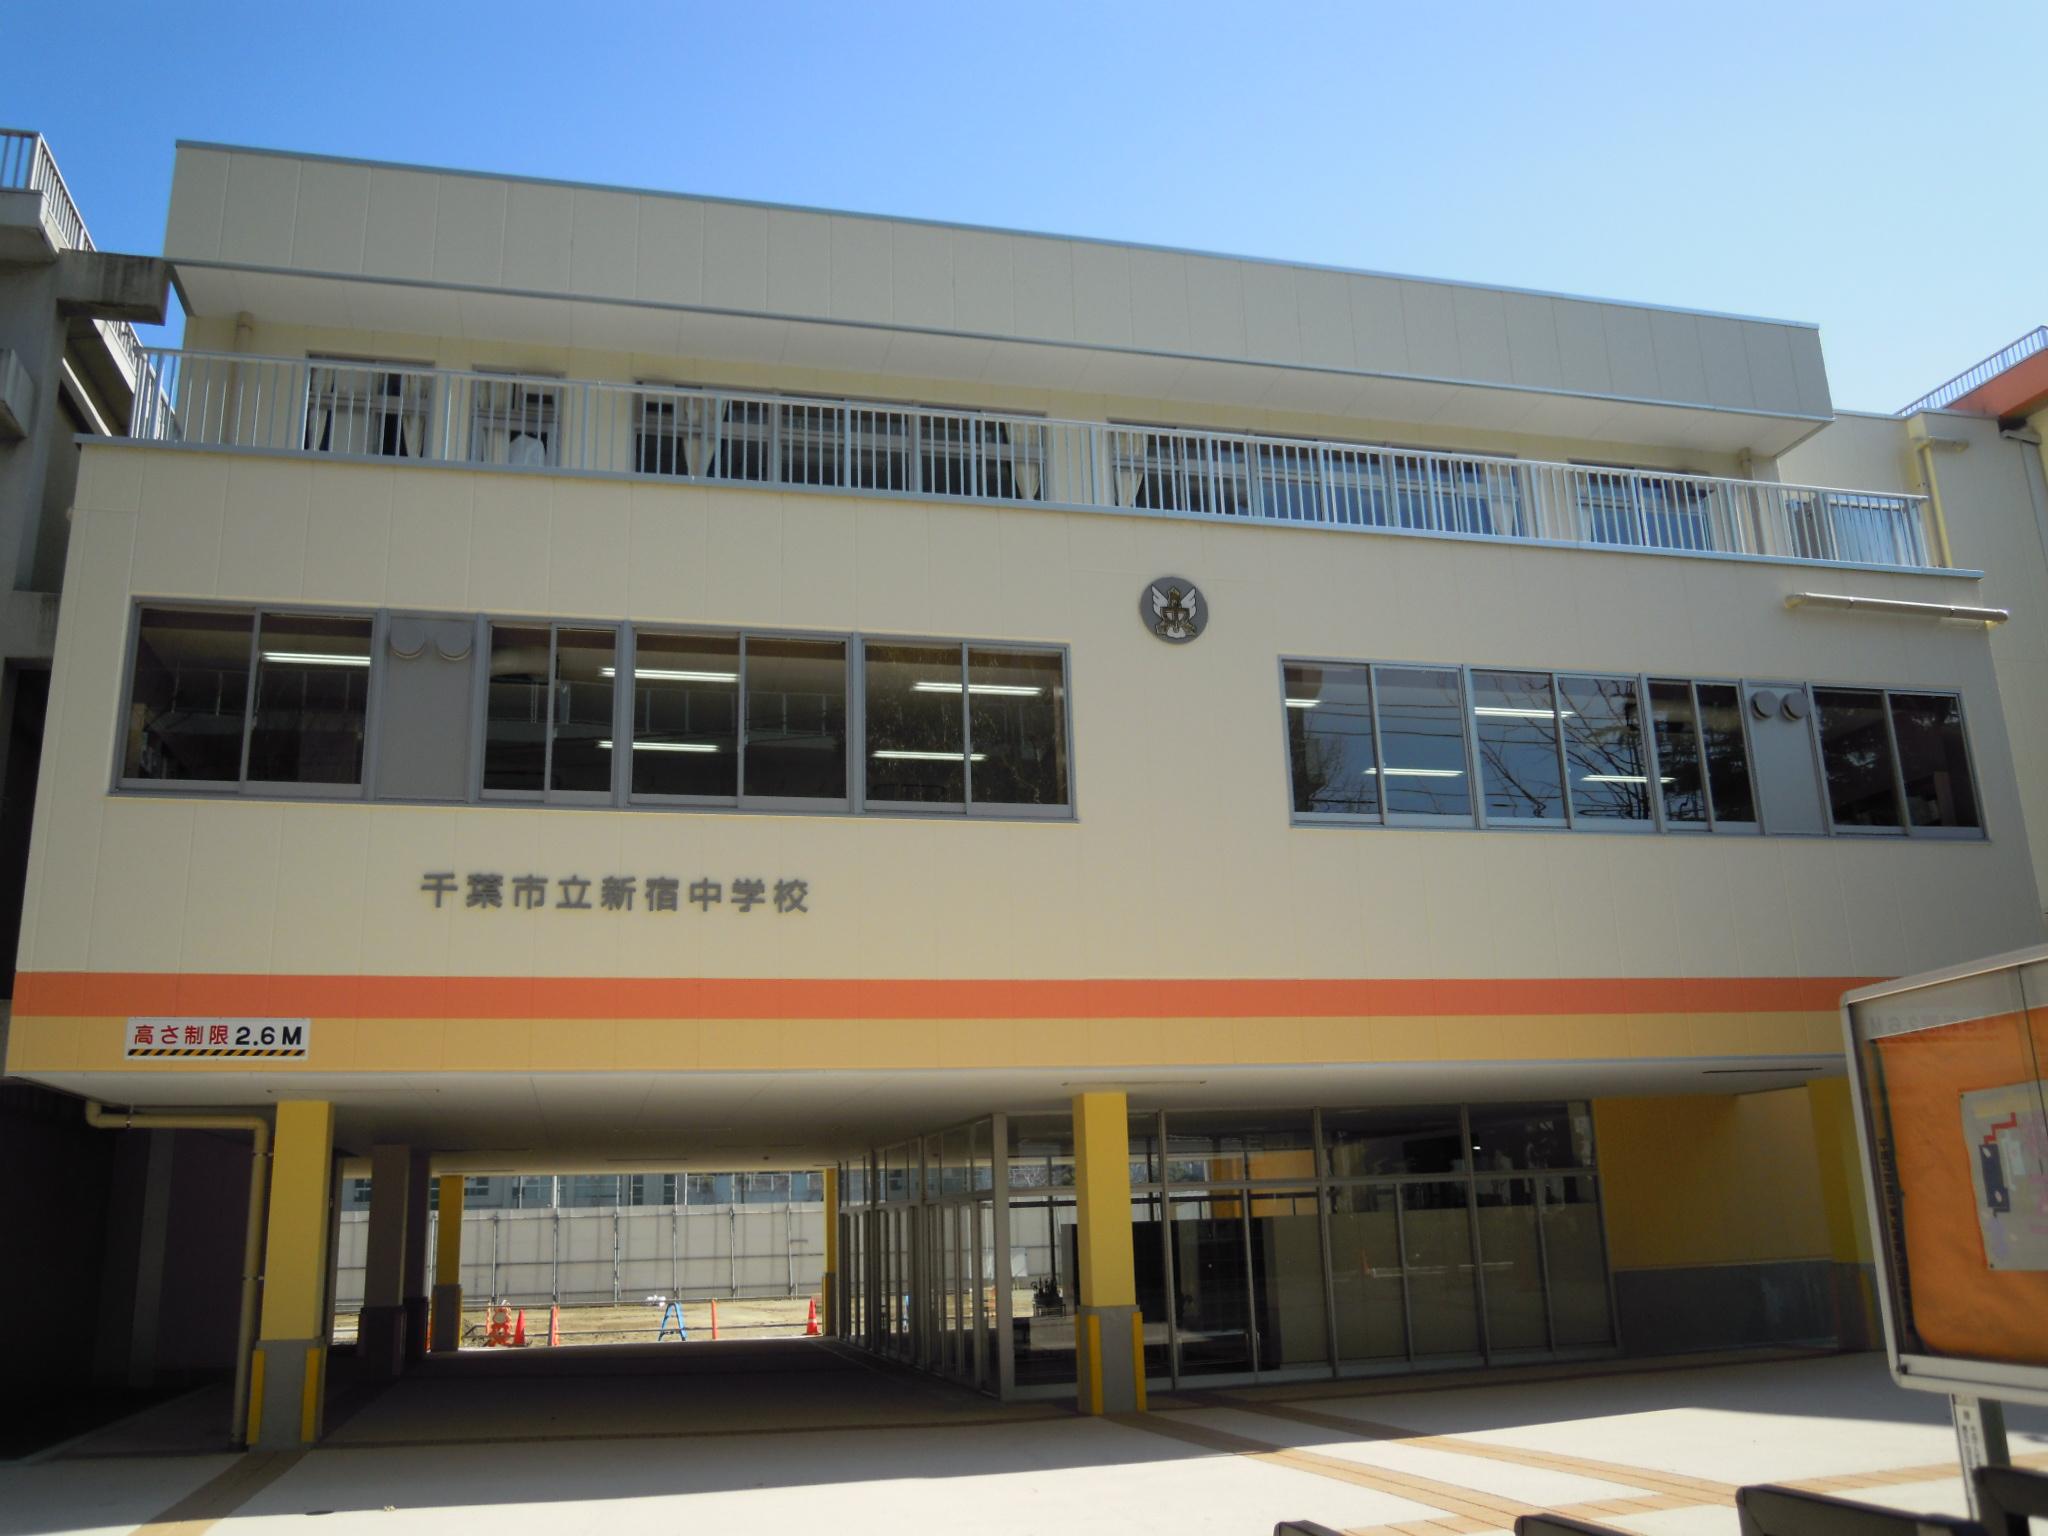 千葉市立新宿中学校改修